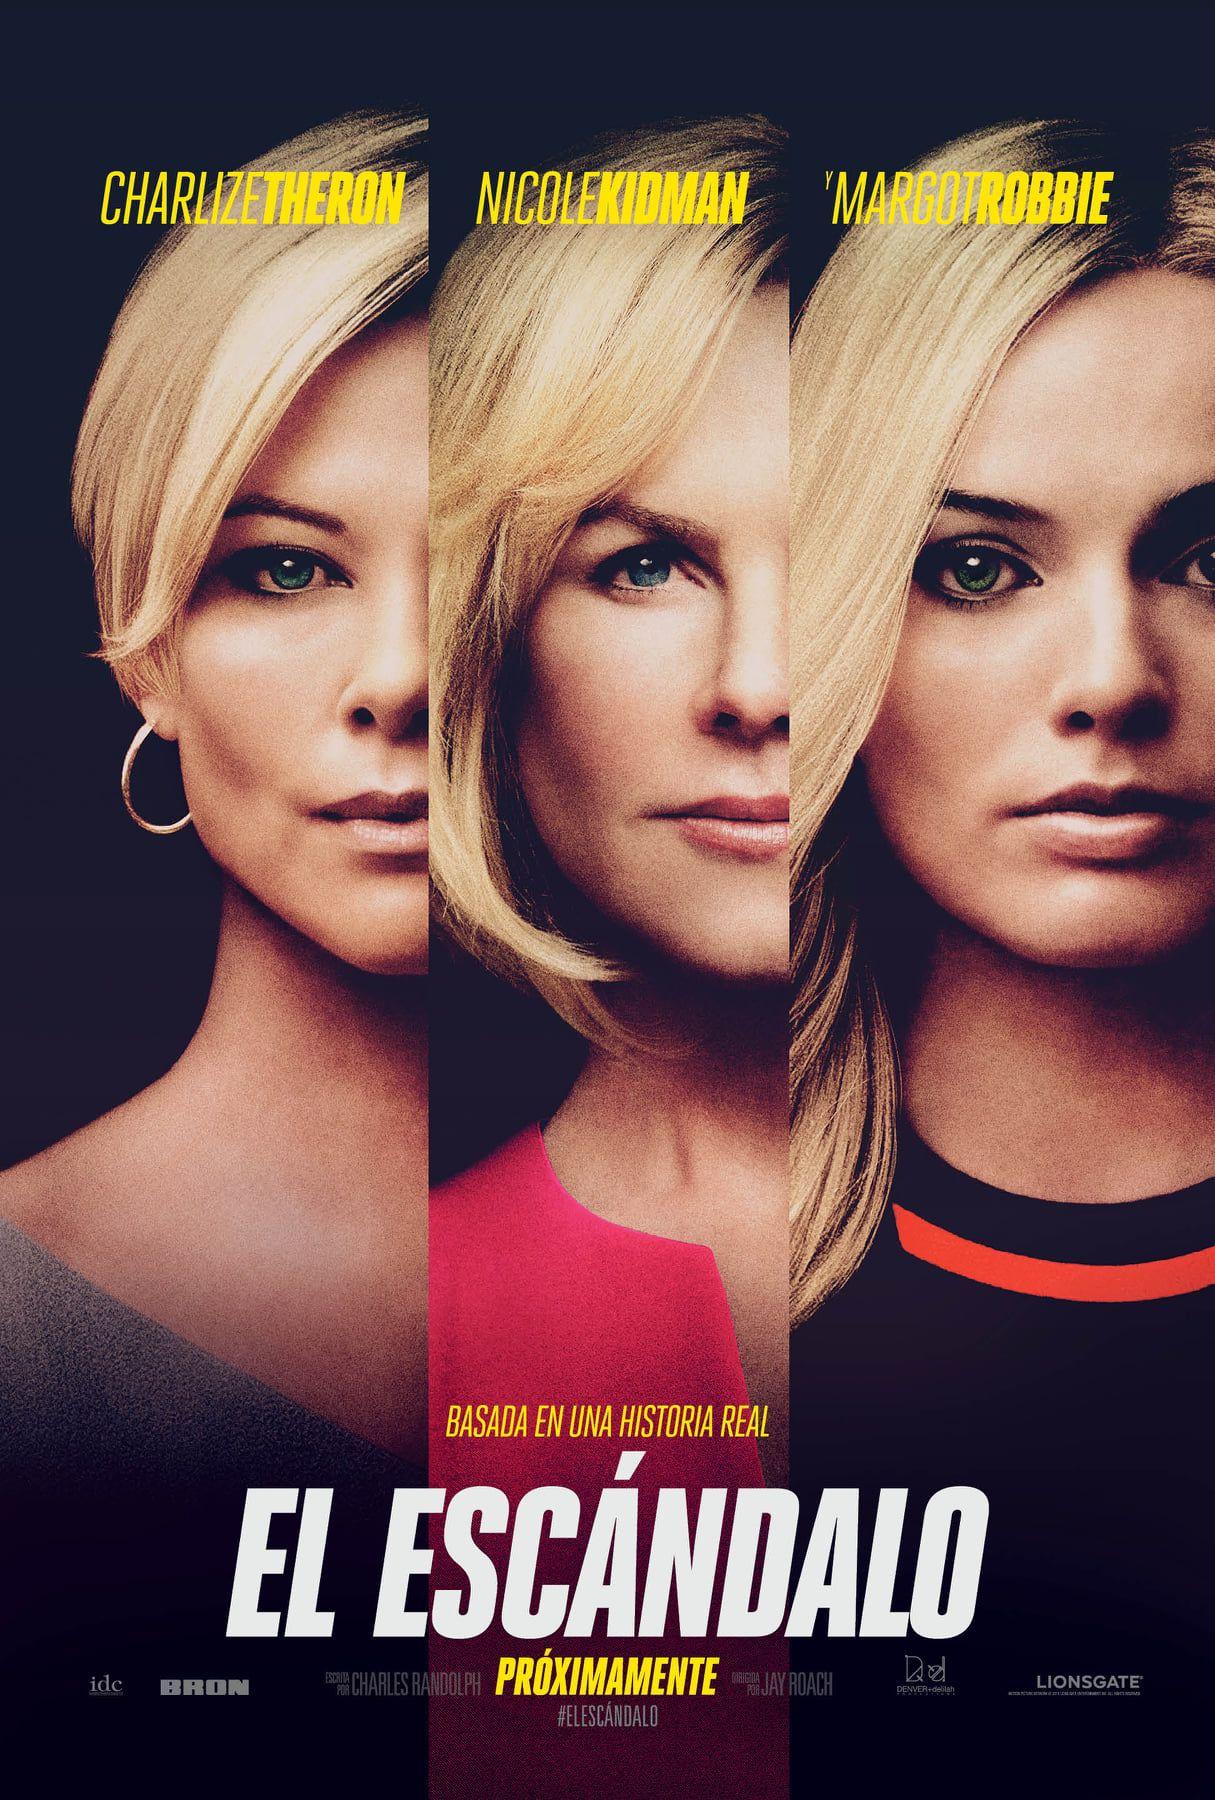 El Escándalo Bombshell Trailer Poster Oficial Ver Peliculas Gratis Películas Completas Películas Gratis